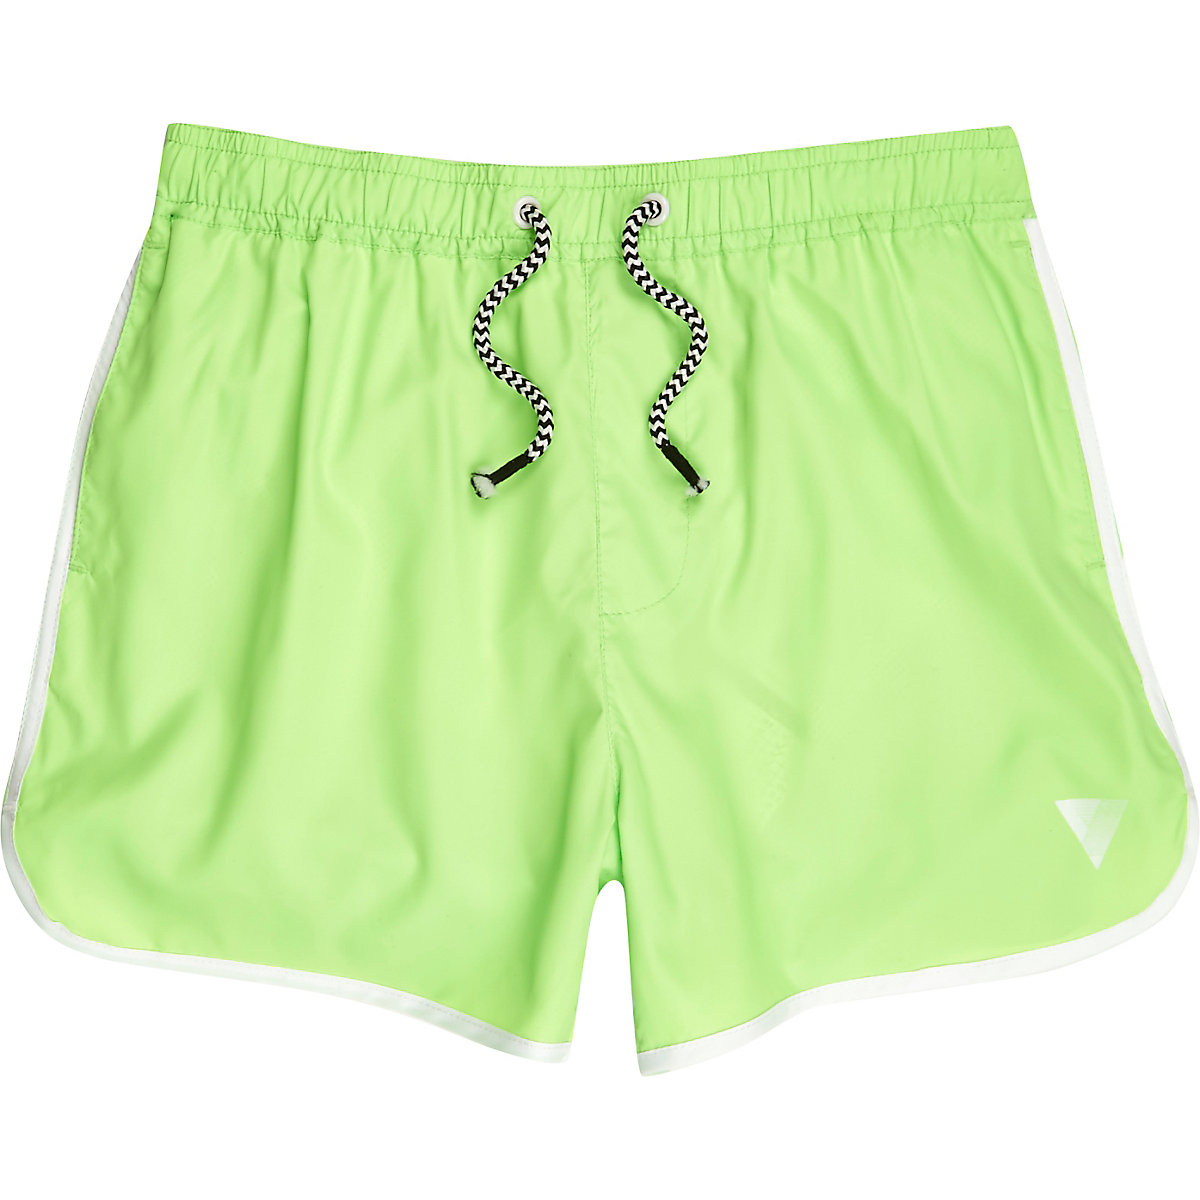 Boys fluro lime green runner swim trunks